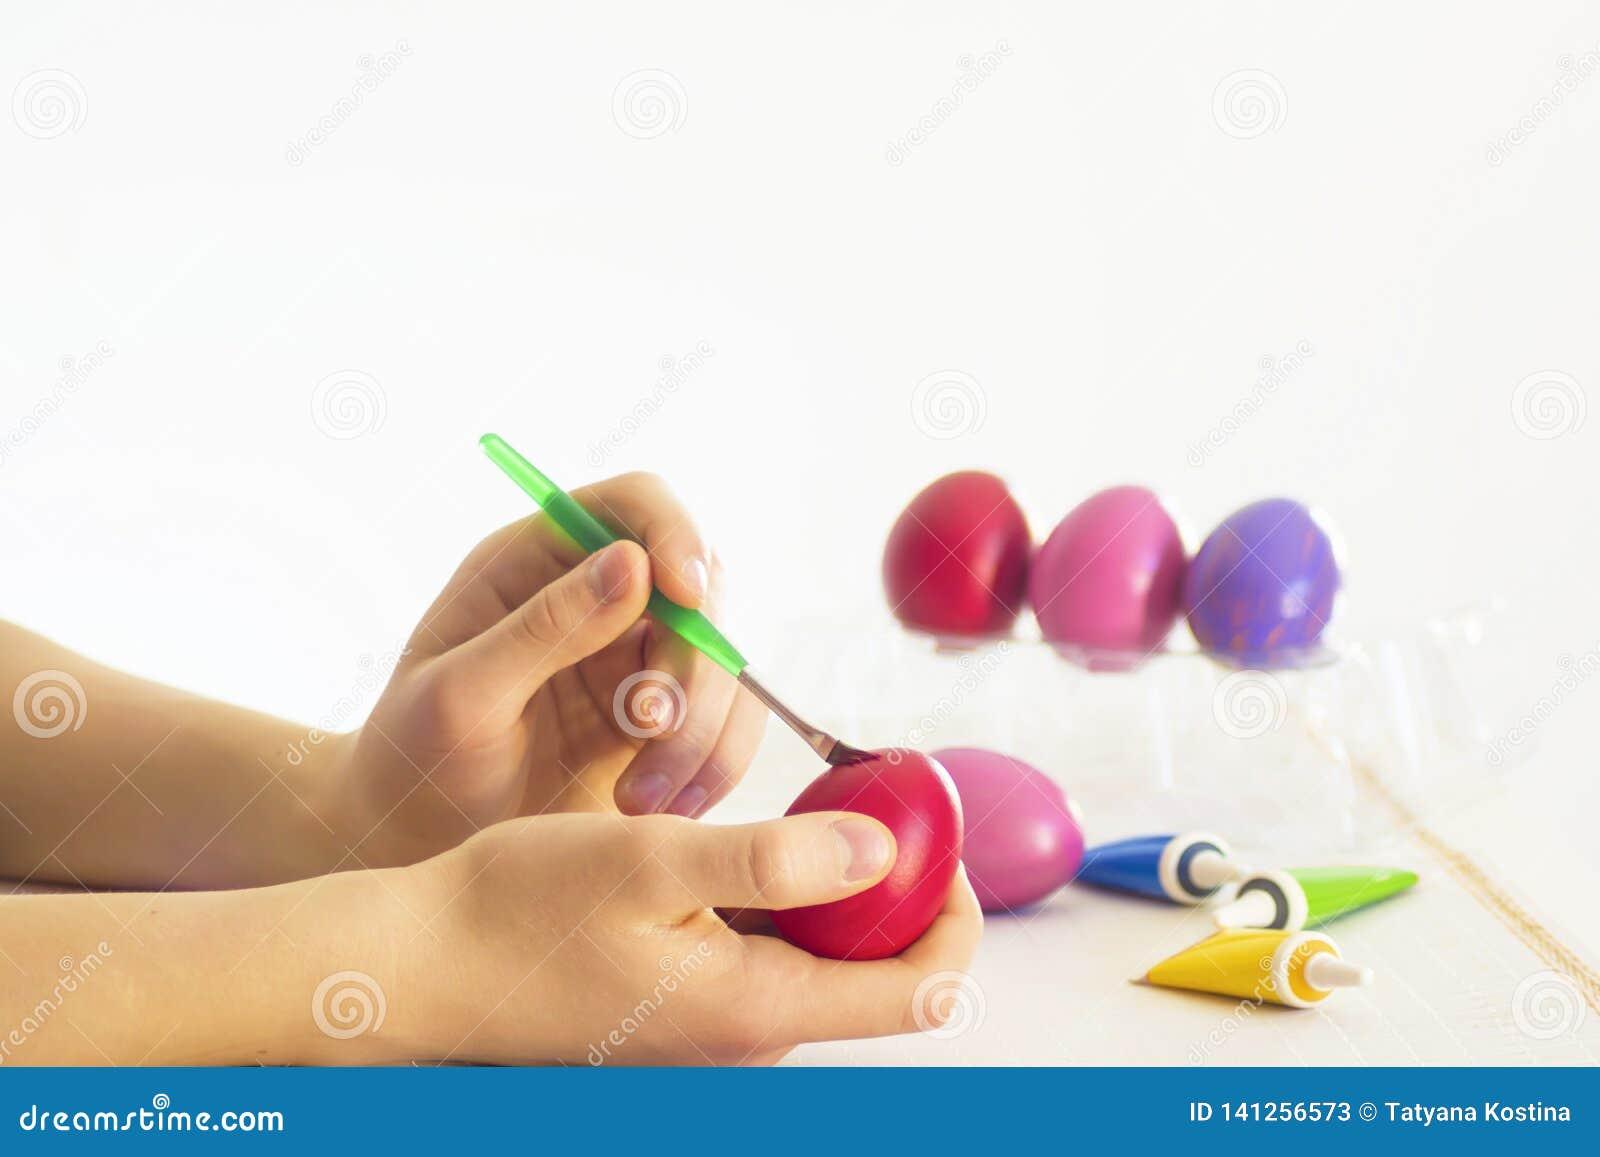 复活节彩蛋与丙烯酸漆刷子的着色过程